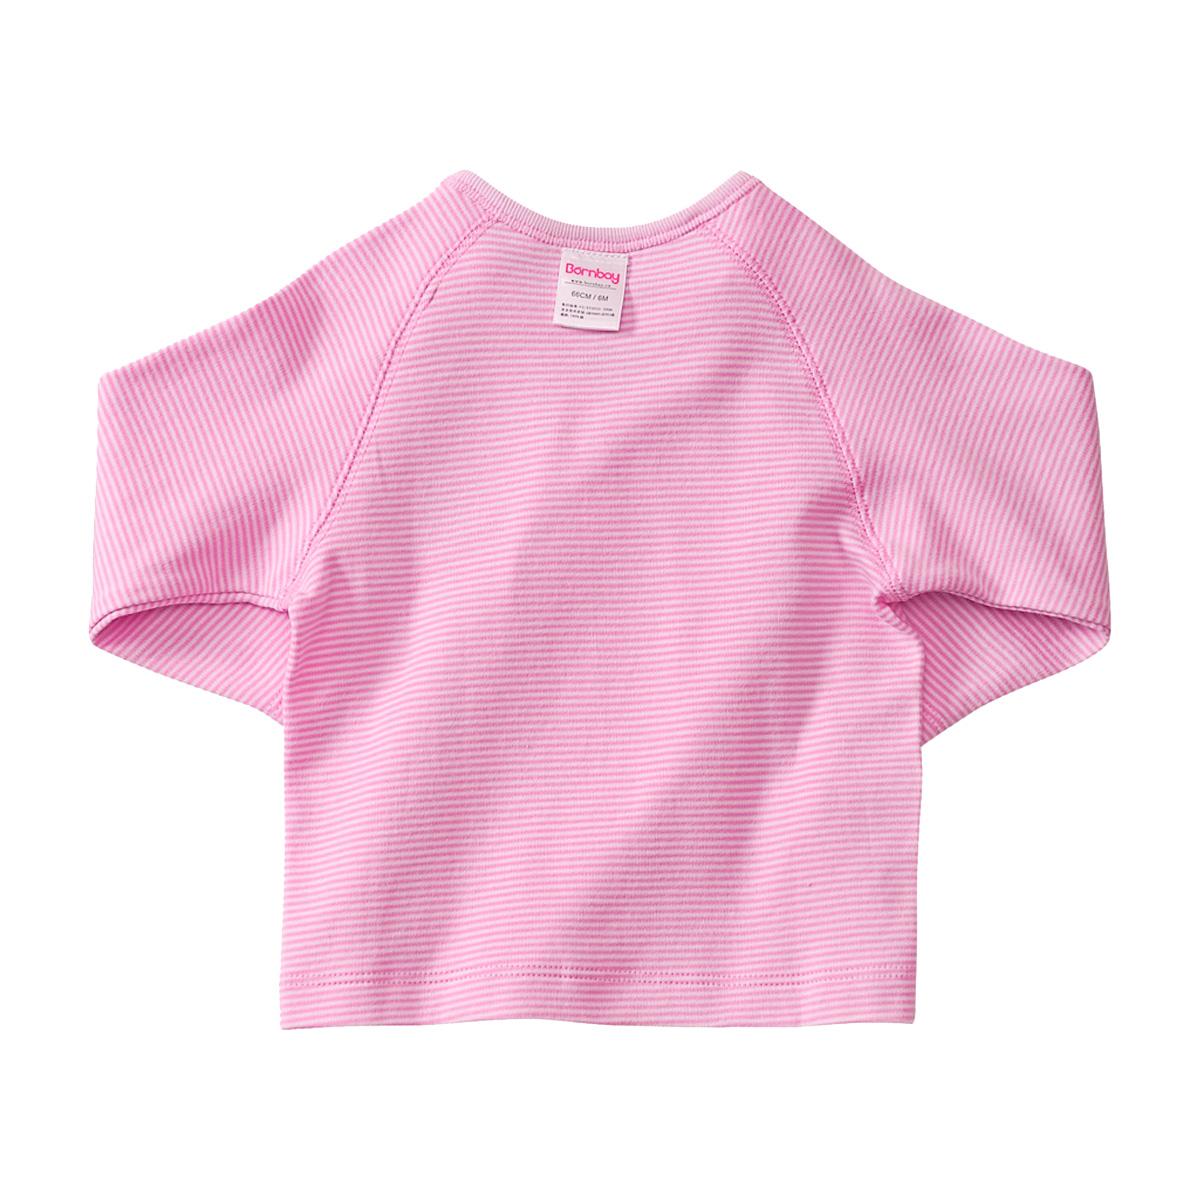 貝貝怡新生兒衣服春秋純棉條紋嬰兒上衣0~3~6個月寶寶和尚服BB311